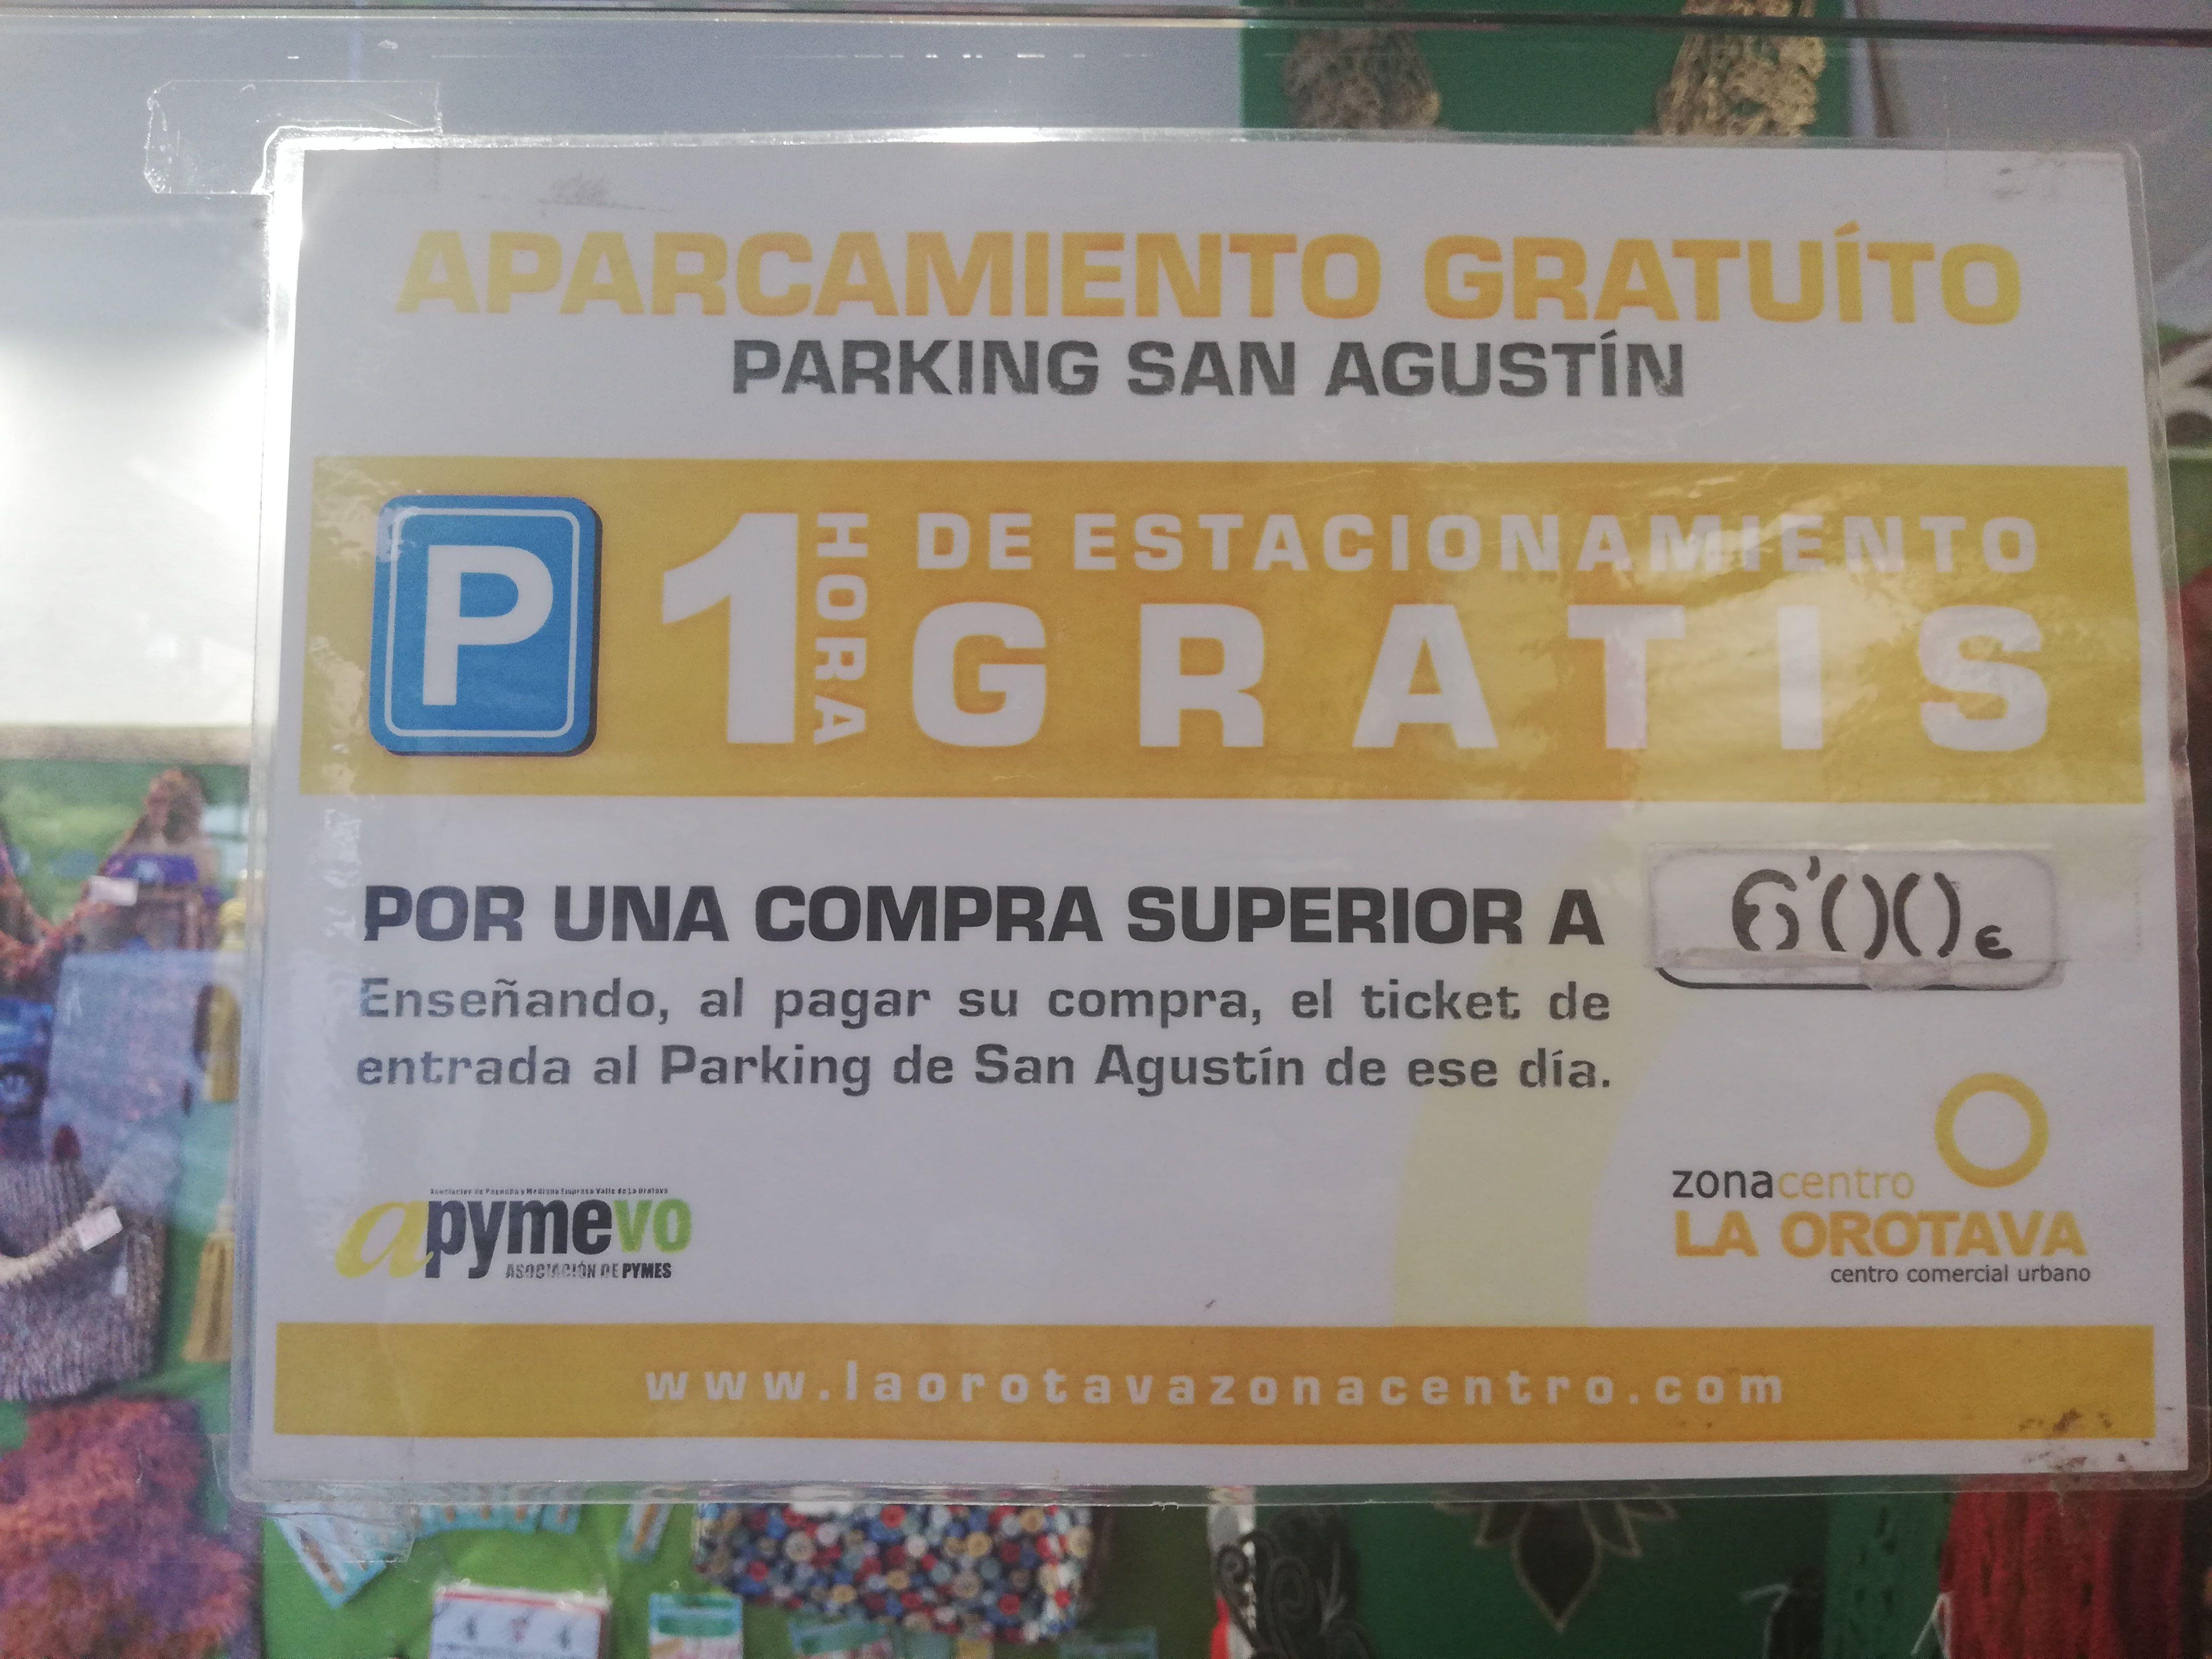 ¡1 h de estacionamiento gratis!